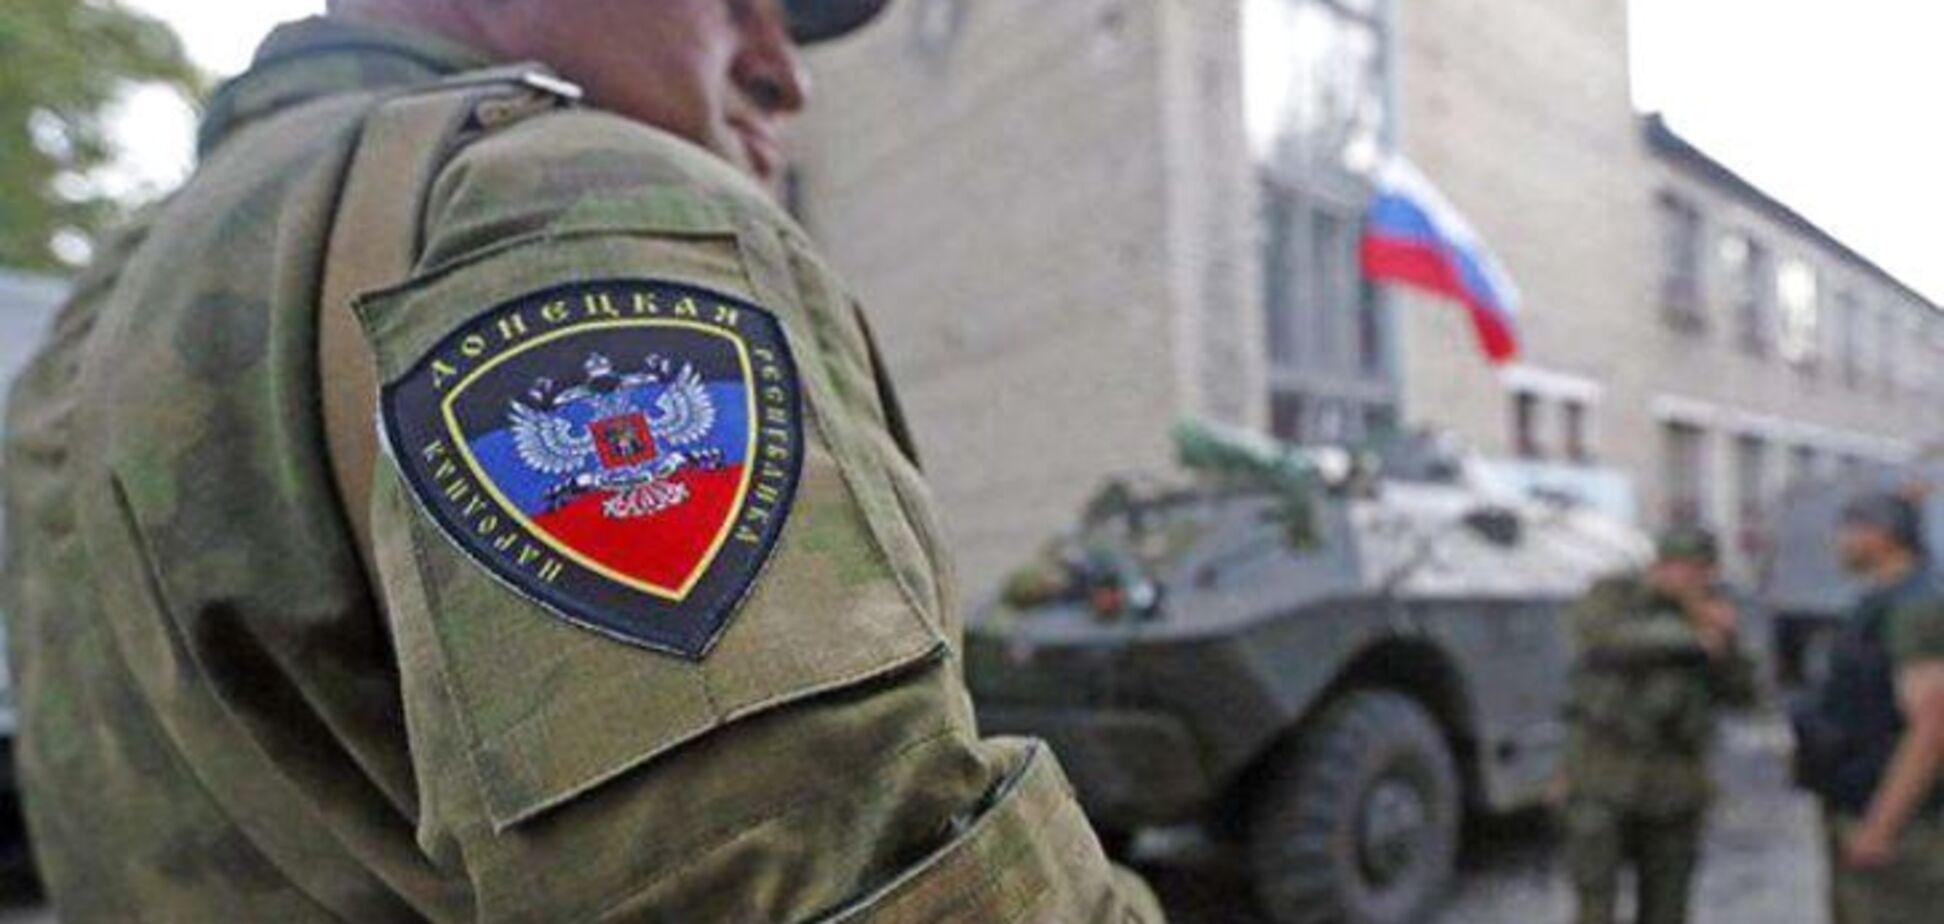 Під прапором СРСР: ''ДНР'' спалили свої позиції на Донбасі